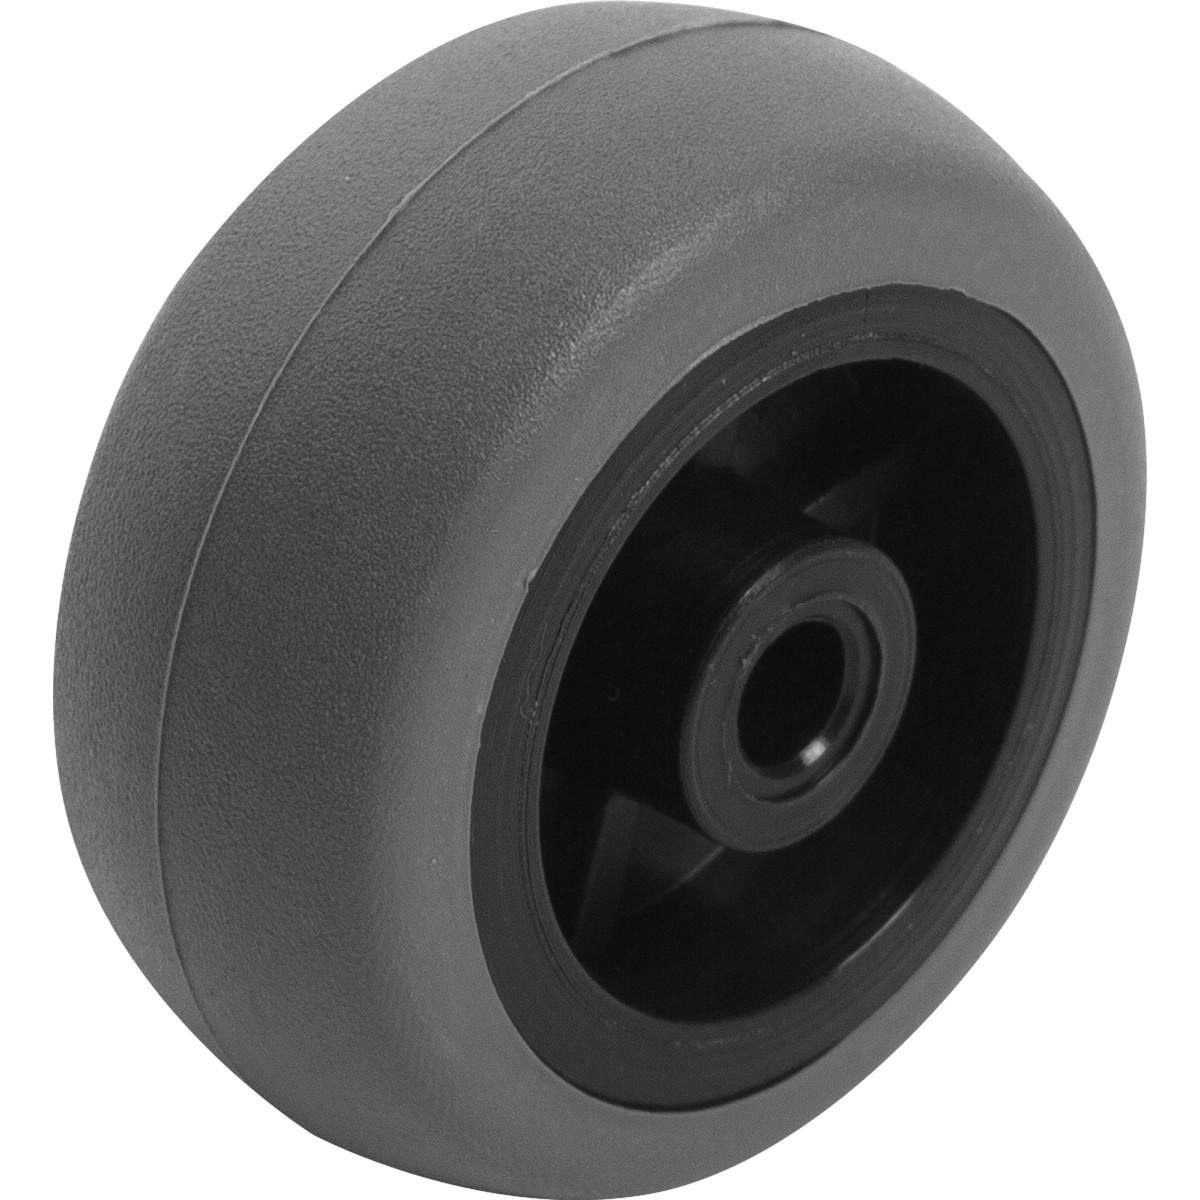 Колесо без тормоза 45 мм до 40 кг